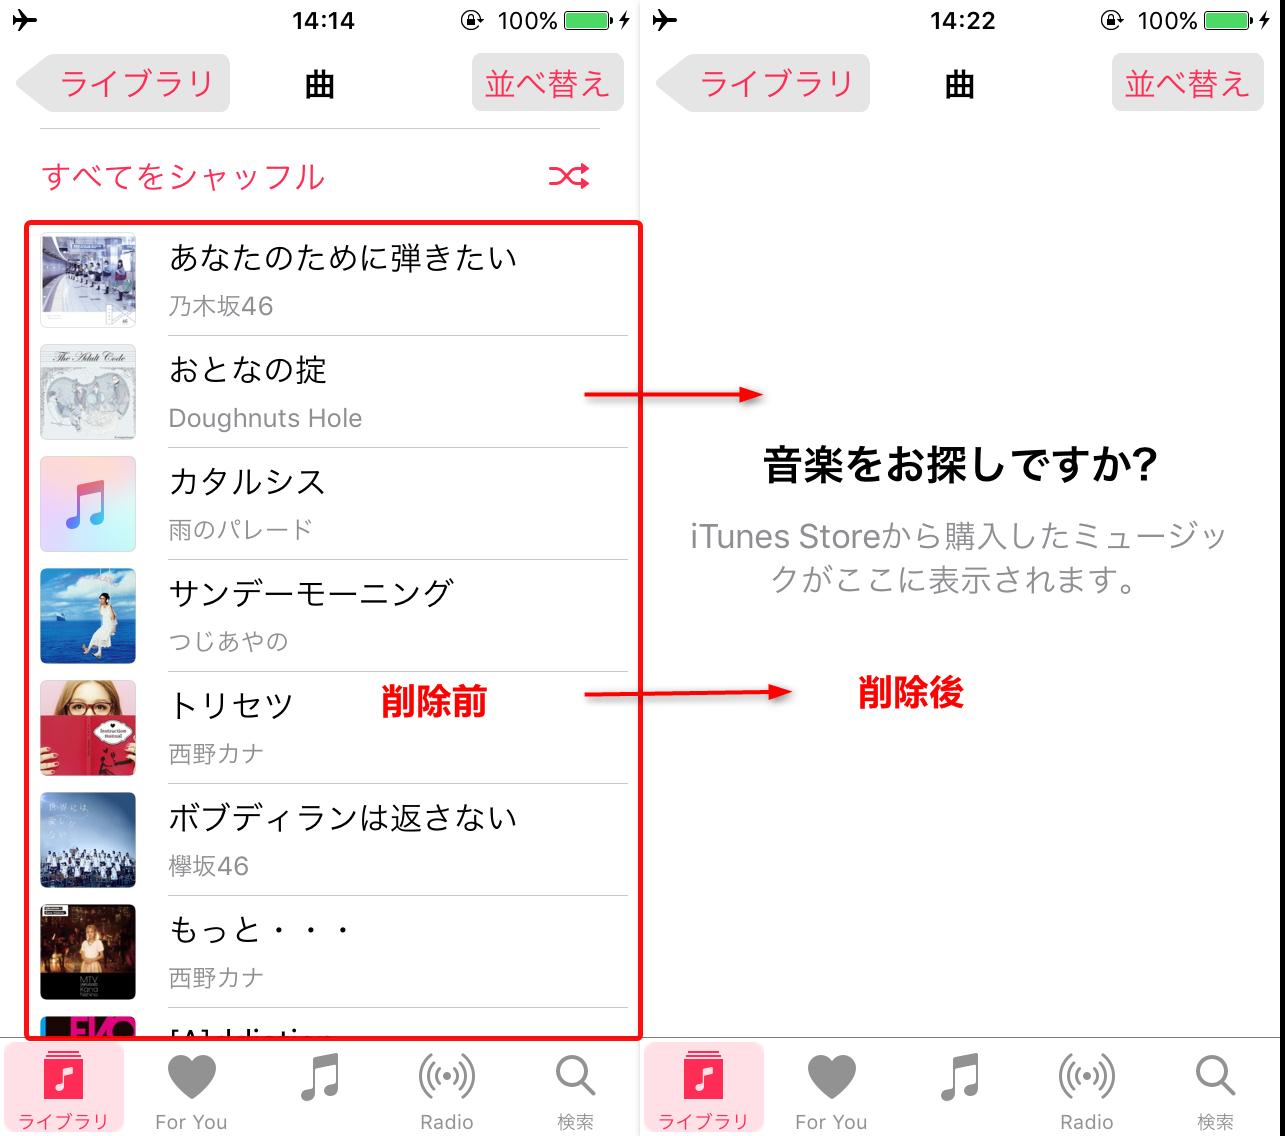 iPodから不要な曲を削除する方法